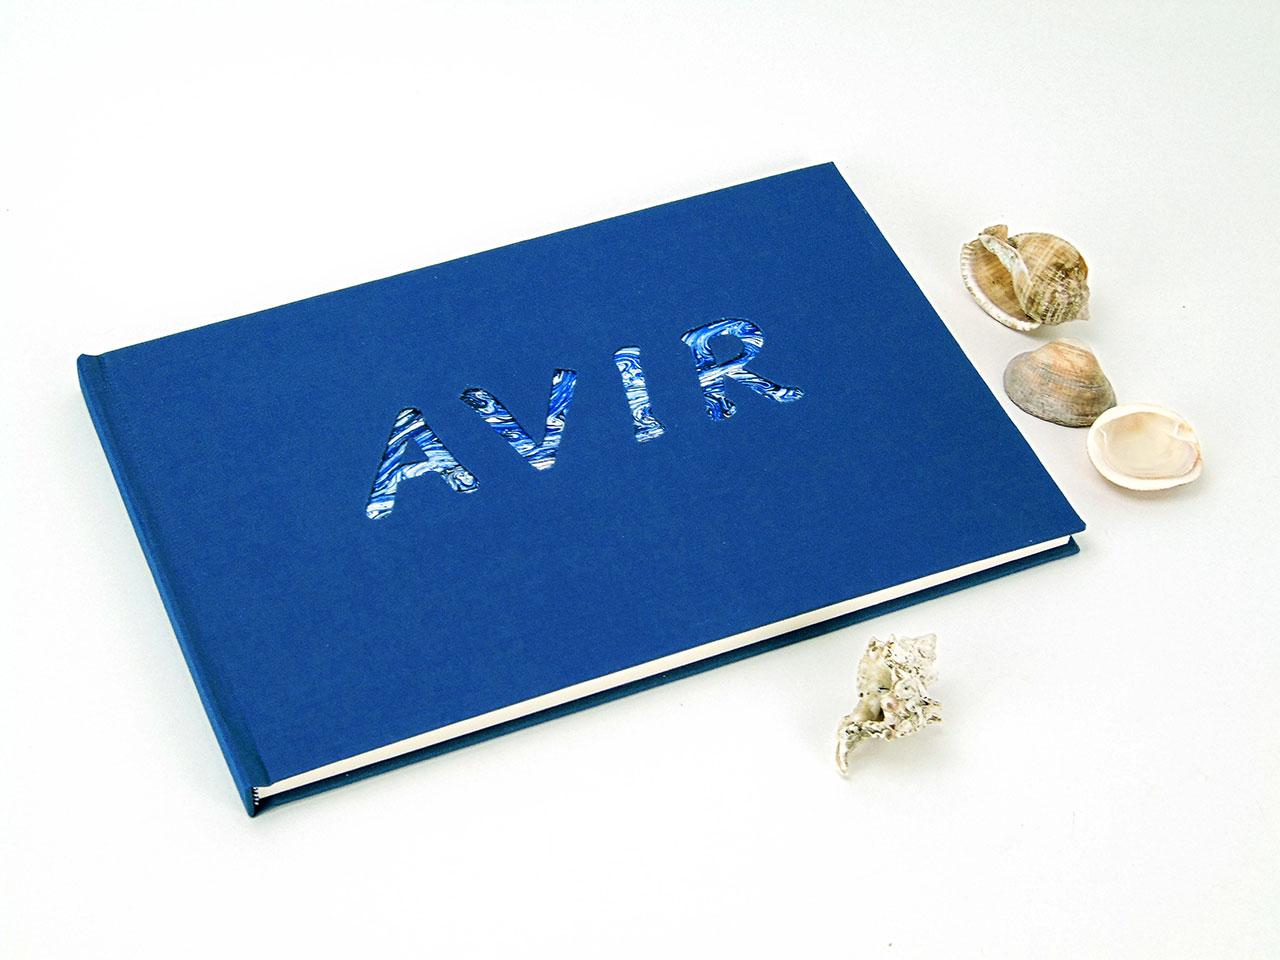 Avir<br> Libro de firmas forrado en tela azul.